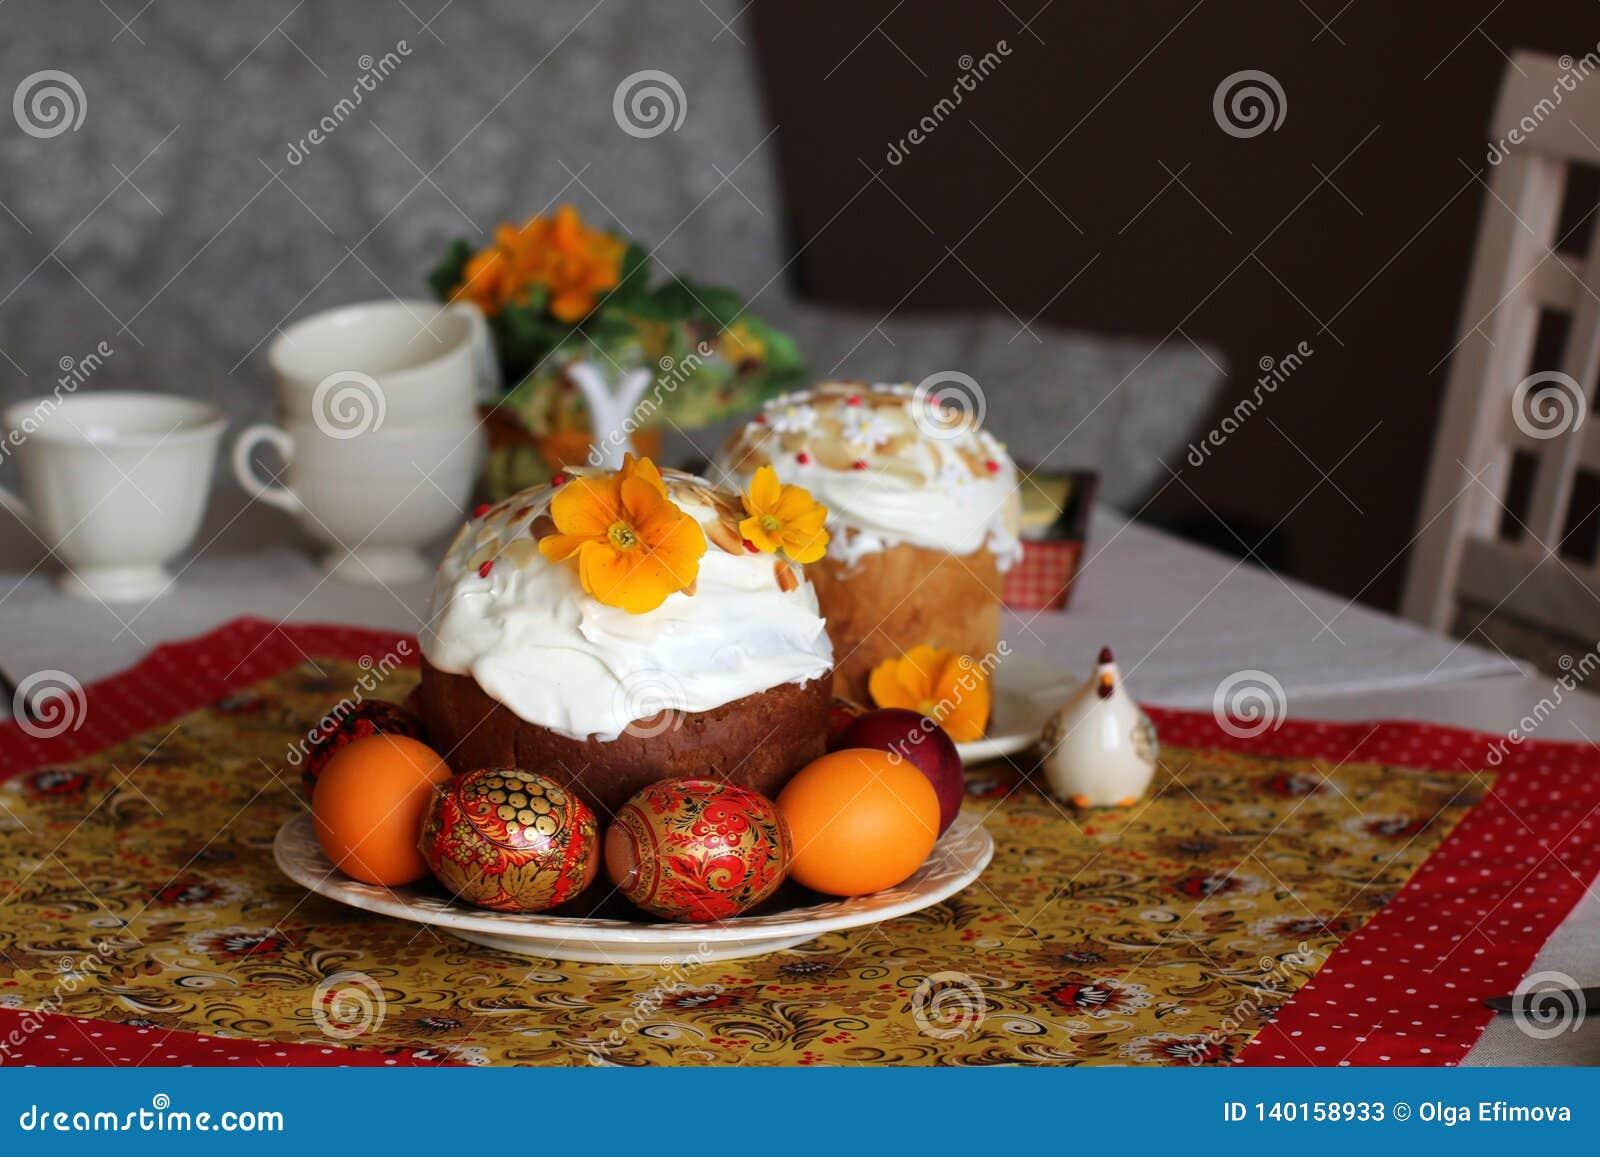 Frukost- eller frunchtabellinställning för easter mål med vänner och familjen runt om tabellen